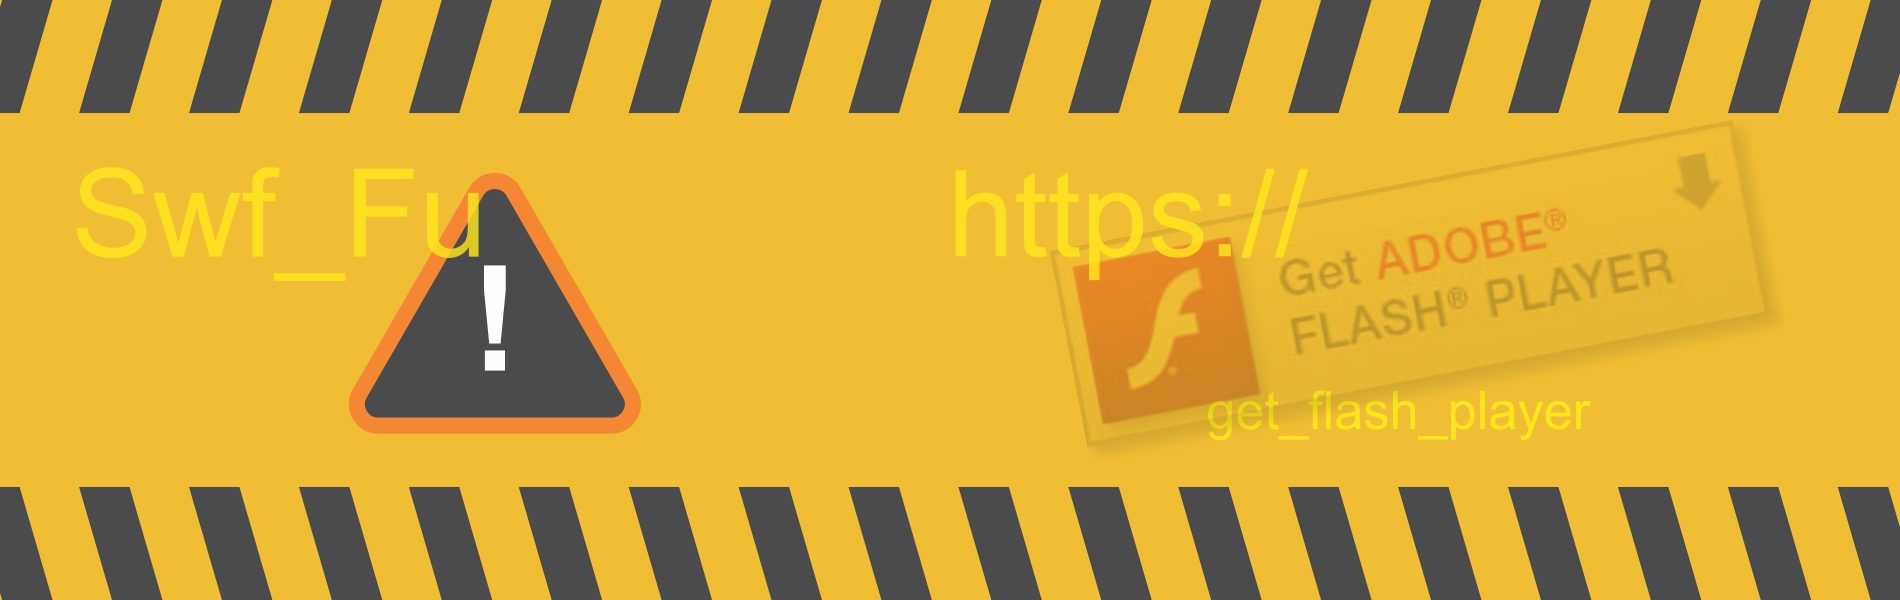 blog images-swf-warning